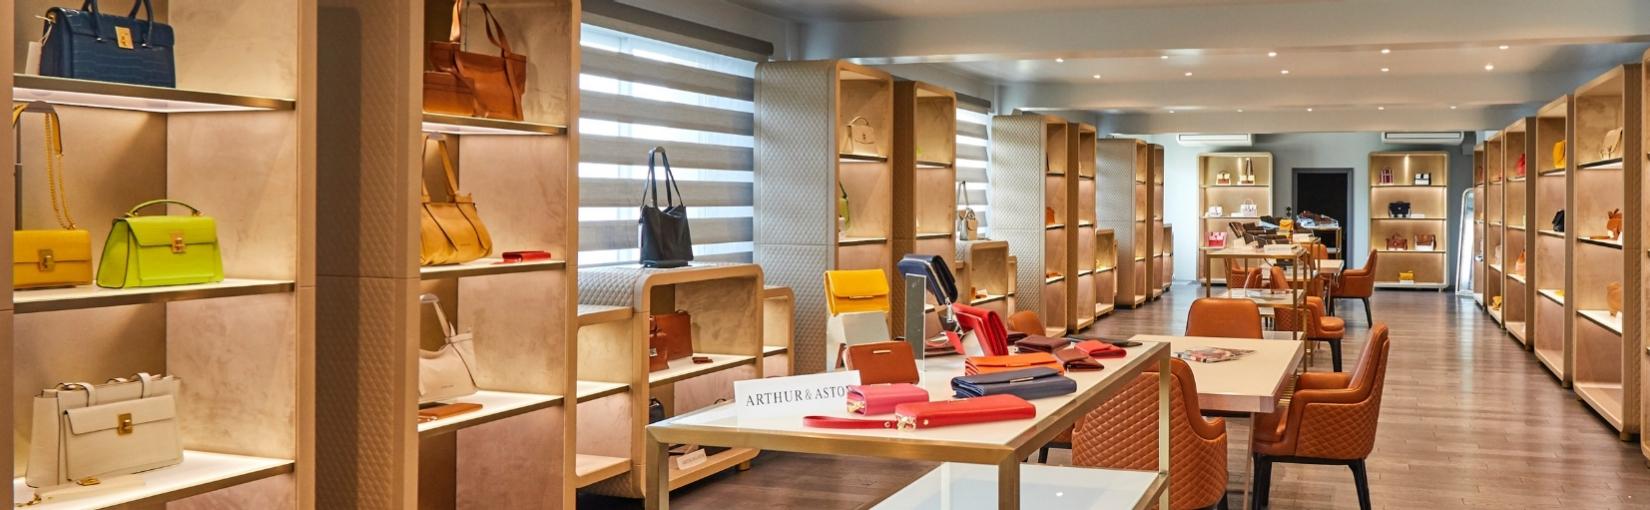 Boutique Athur Aston-Notre univers